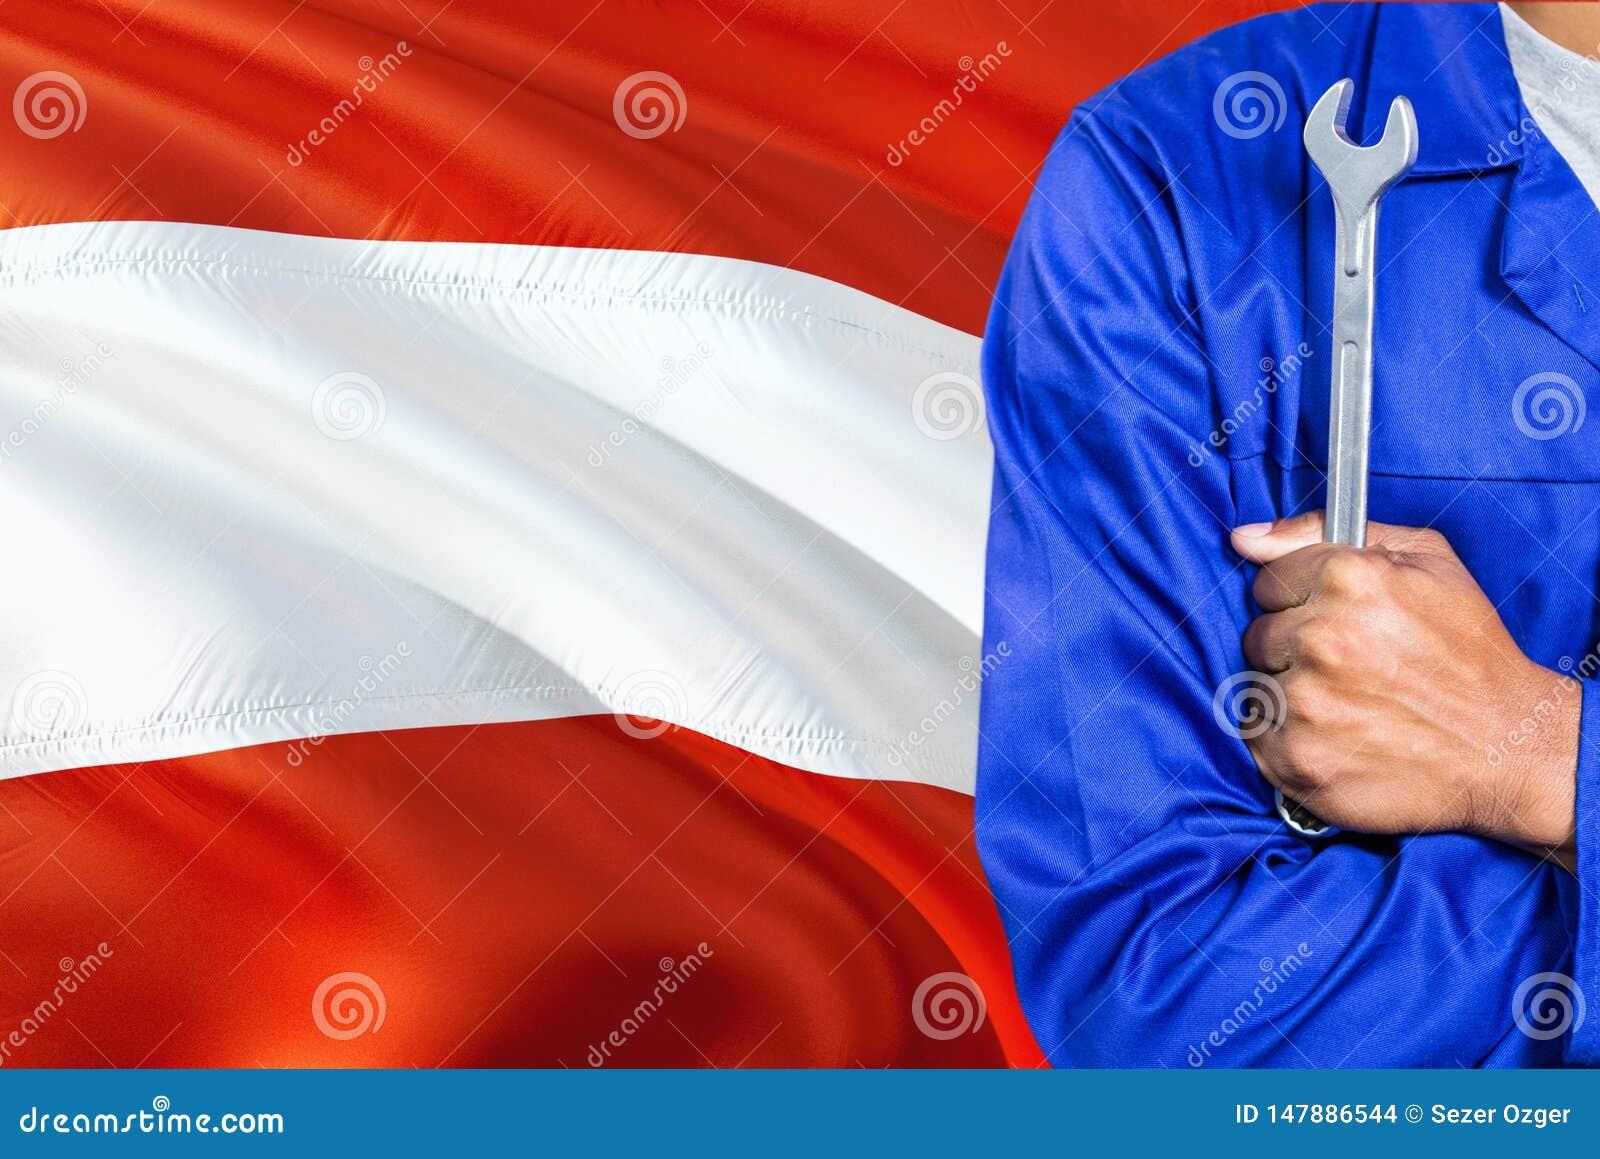 蓝色制服的奥地利技工拿着板钳反对挥动奥地利旗子背景 横渡的胳膊技术员